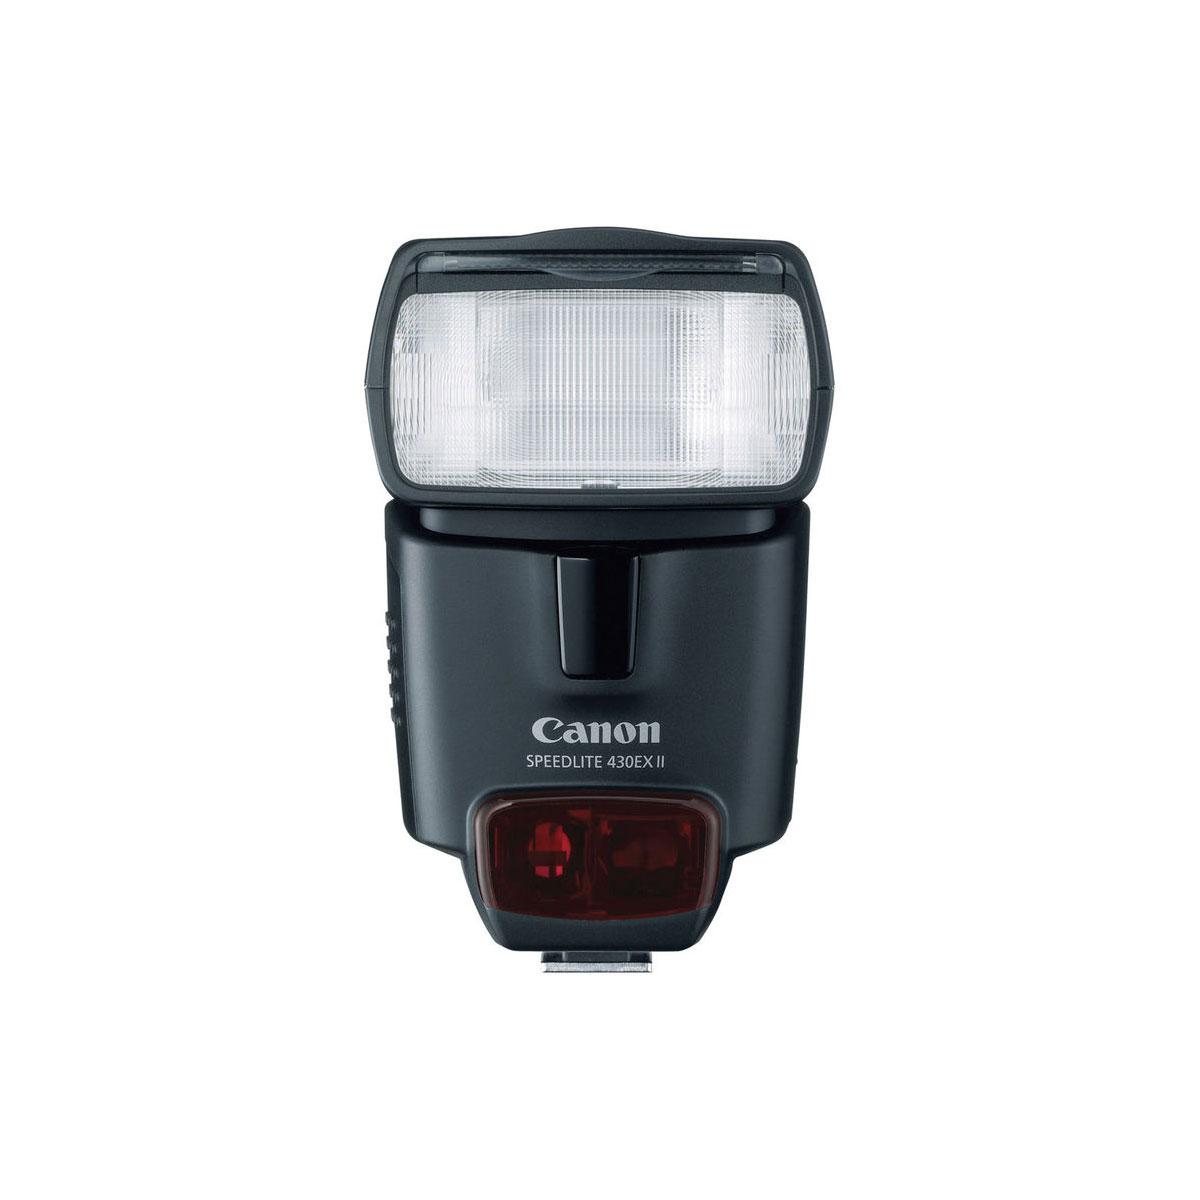 Canon Speedlite 430ex Ii The Camera Exchange Inc